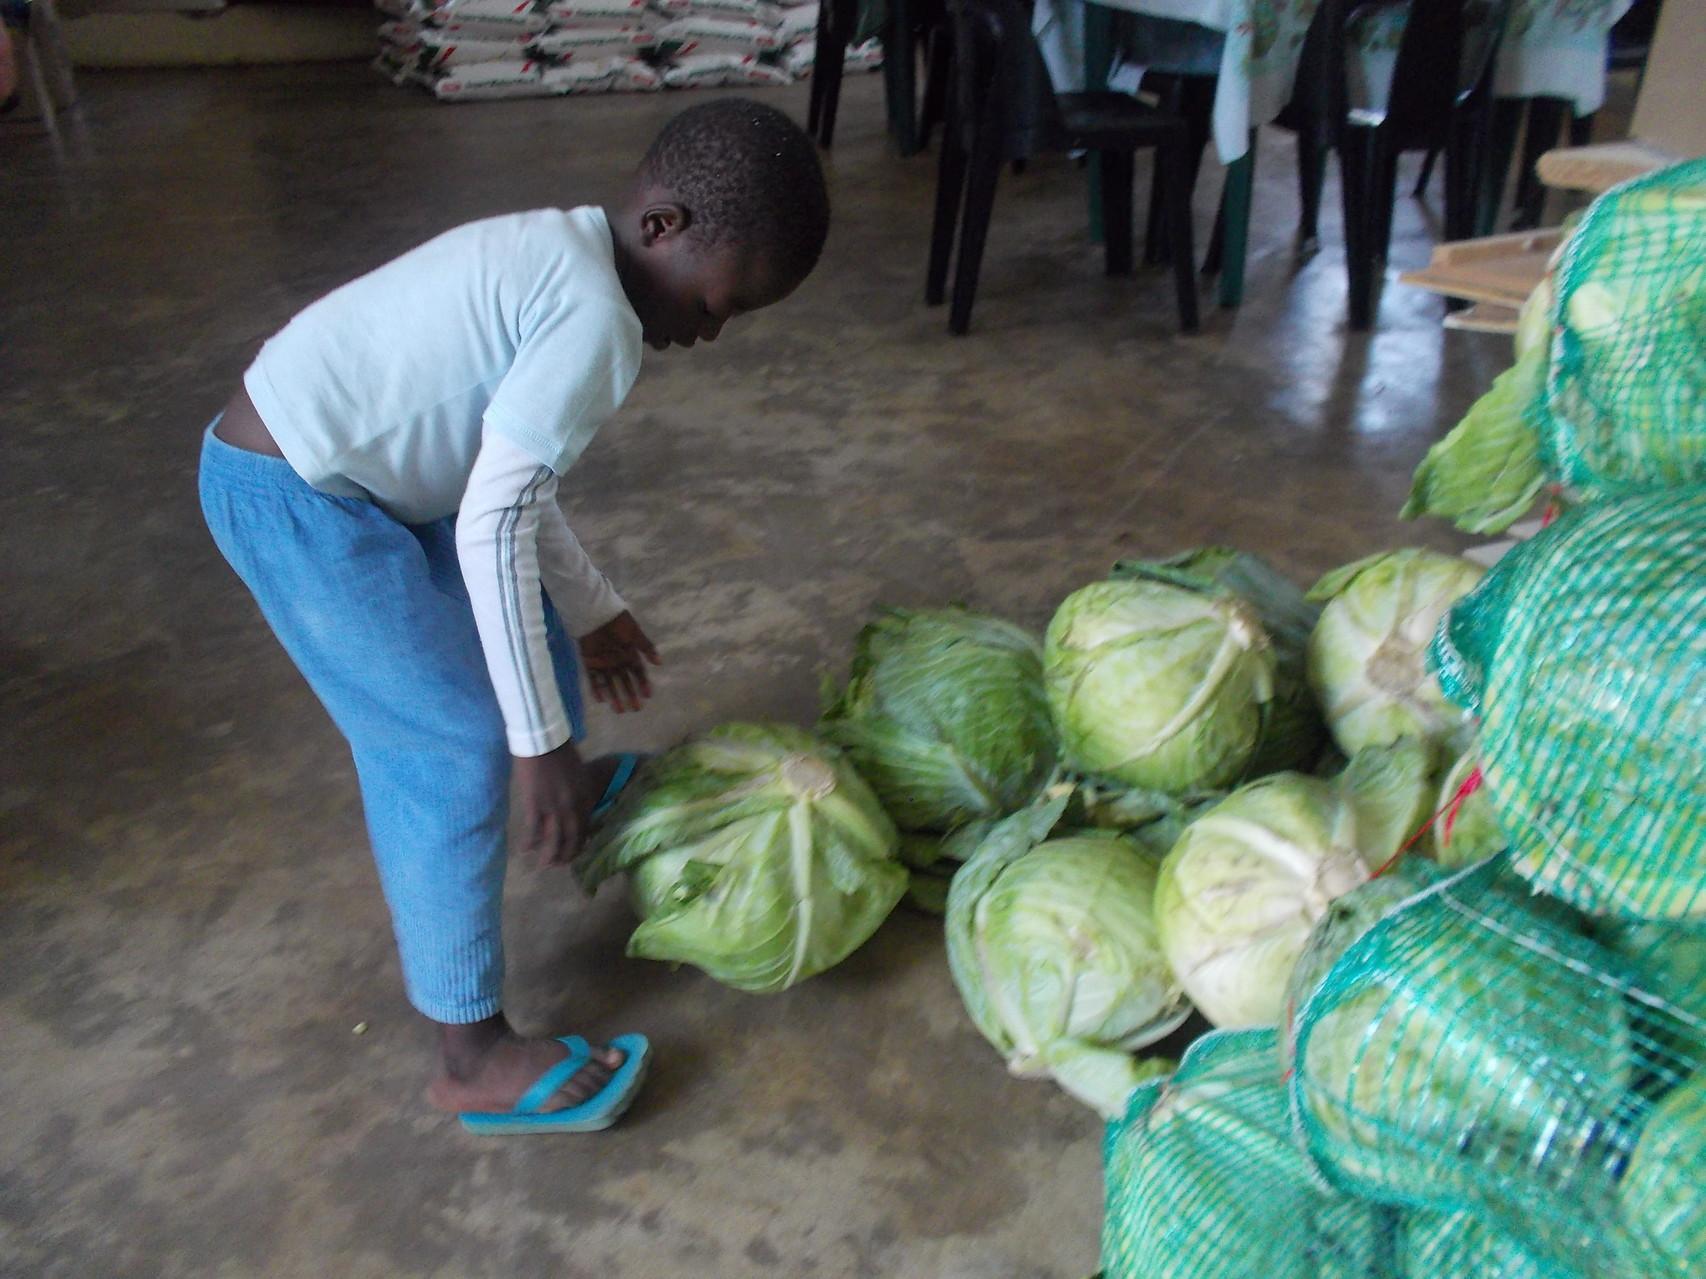 Waisenkind Nuglunga bringt einen Kohl